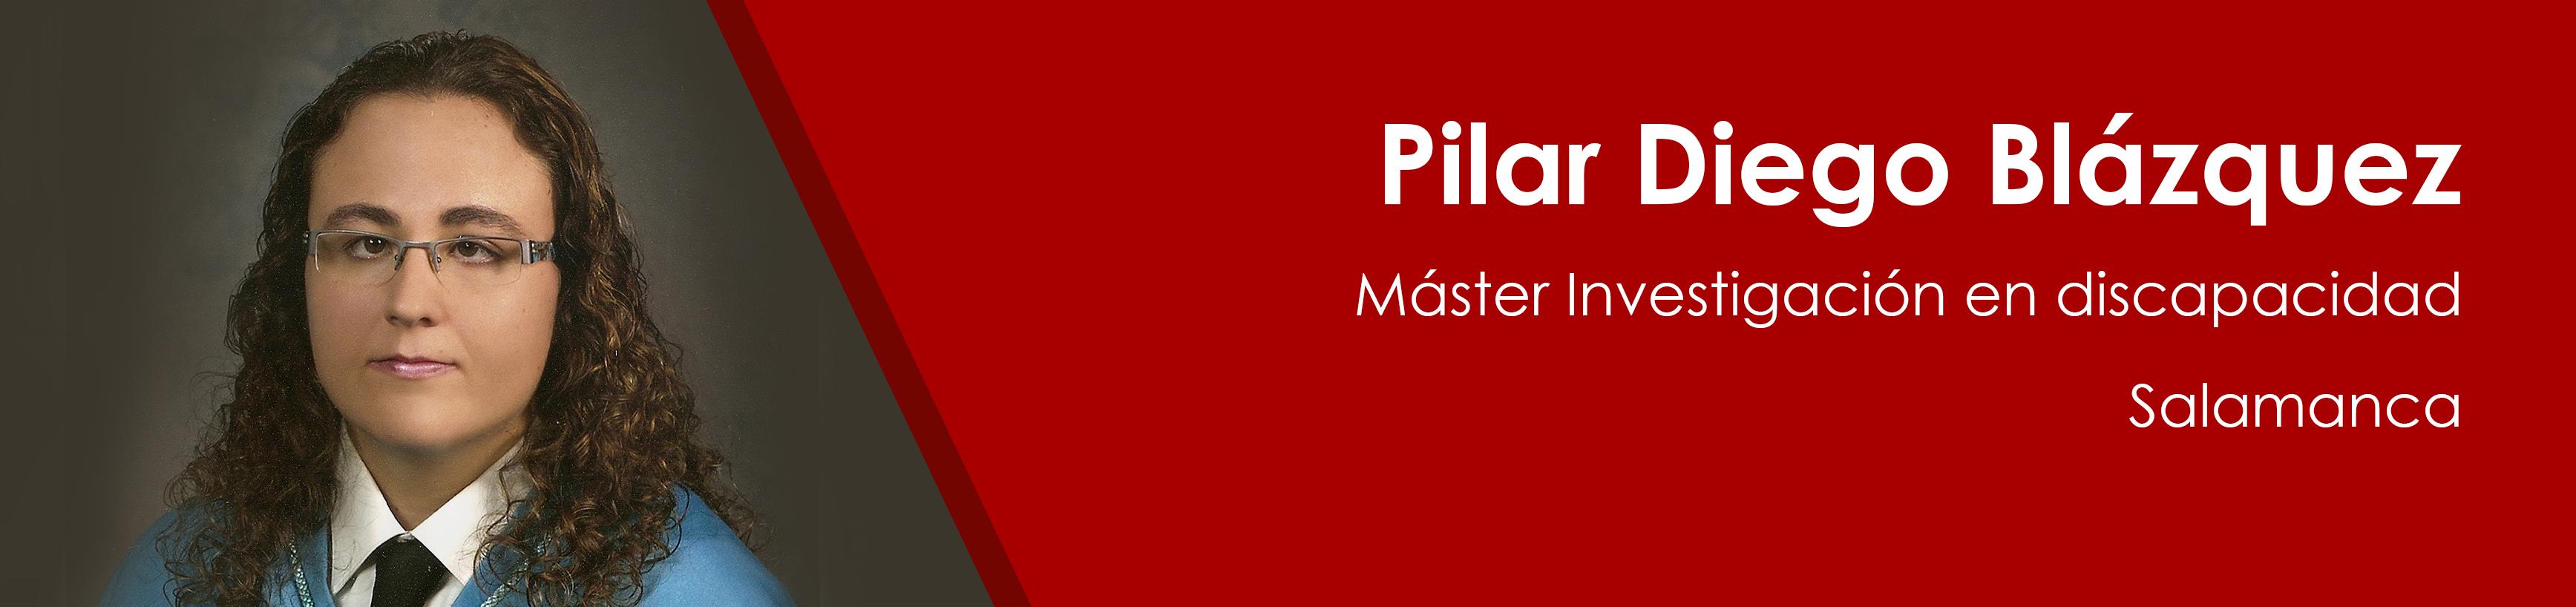 pilar-diego